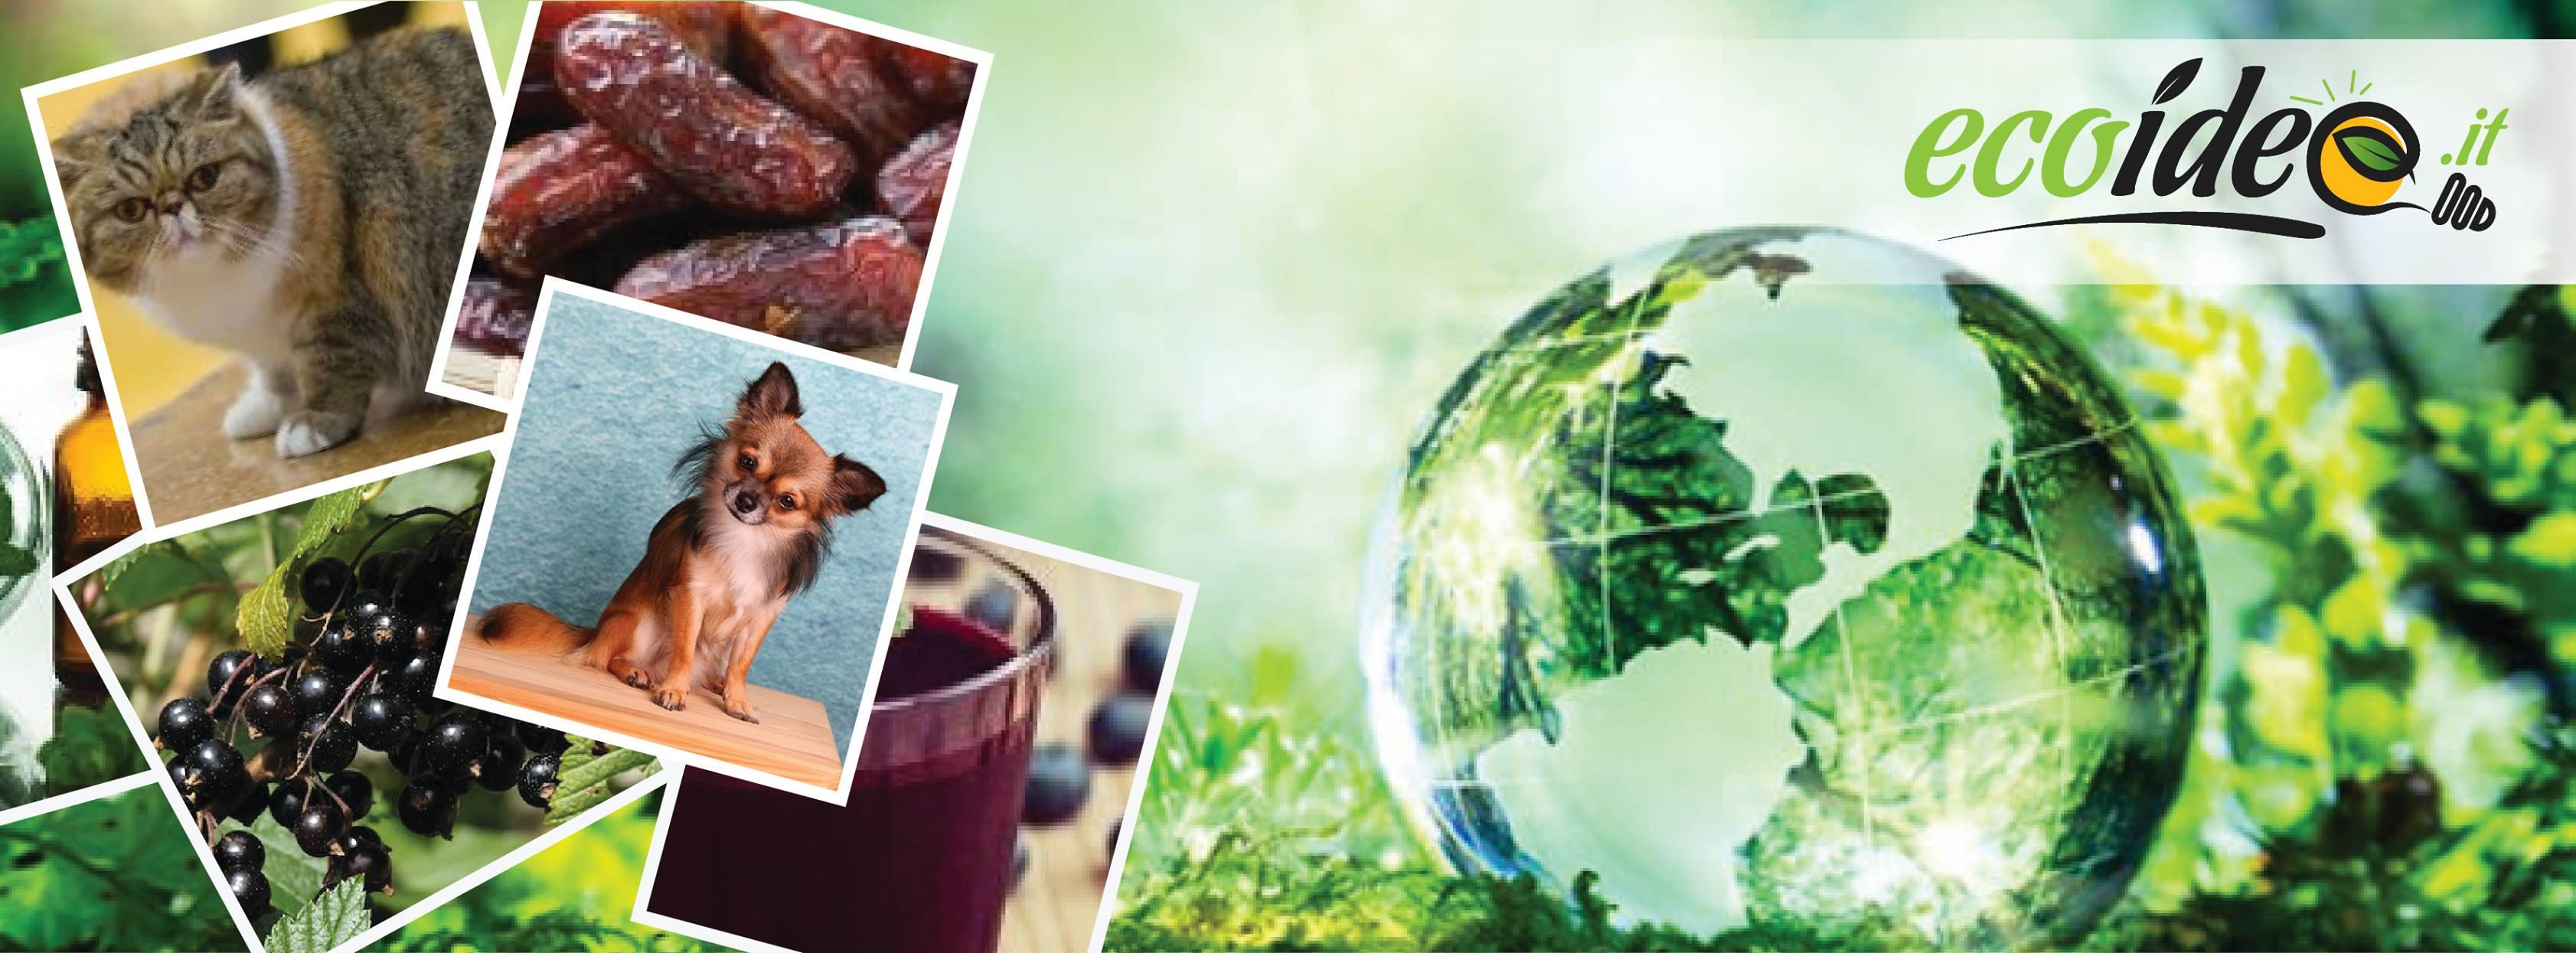 ecoidee - foto del portale su eco-notizie